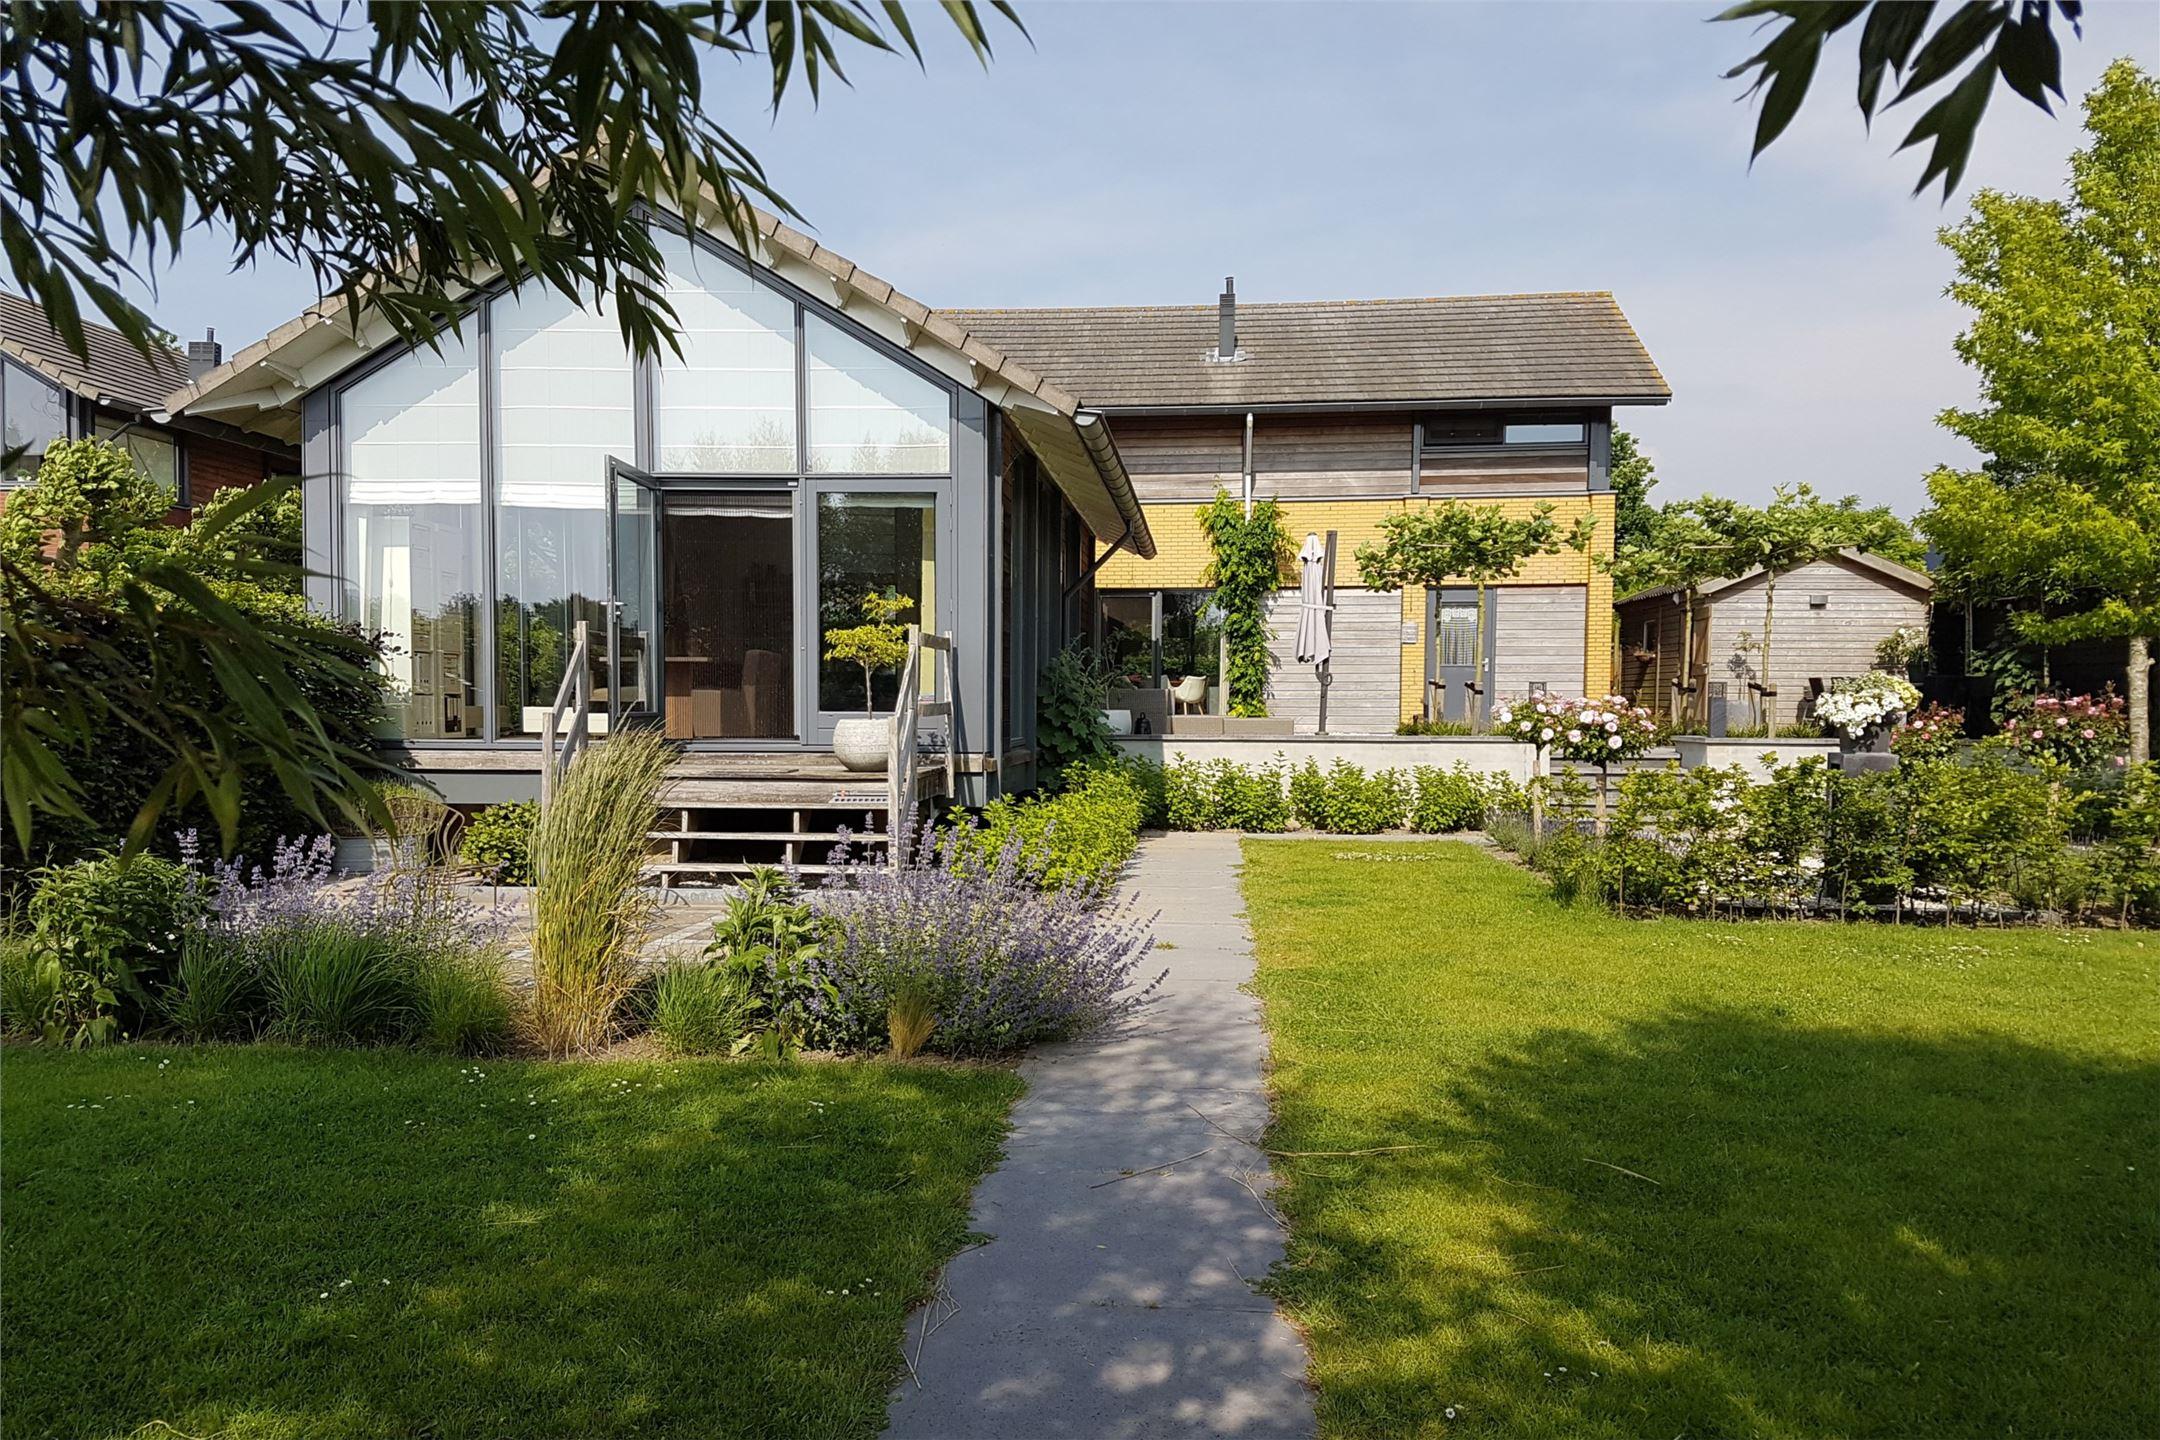 Verkocht: hollandse hout 295 8244 gm lelystad [funda]